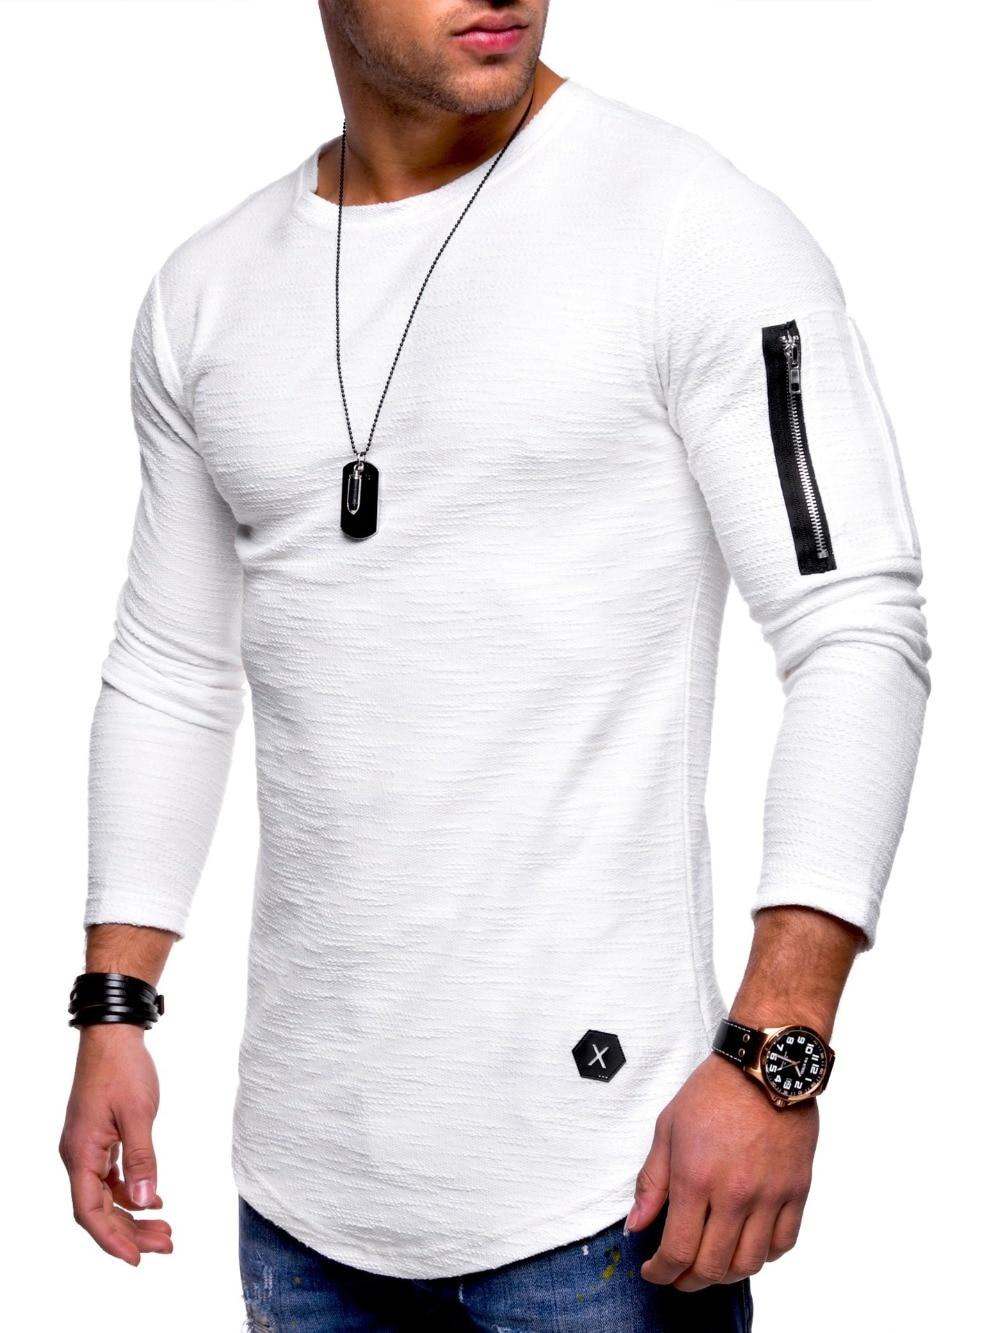 قصيرة الأكمام تي شيرت الذكور 7 الرجال التلبيب المطرزة النسخة الكورية من الاتجاه بسيط 1 ملابس للرجال